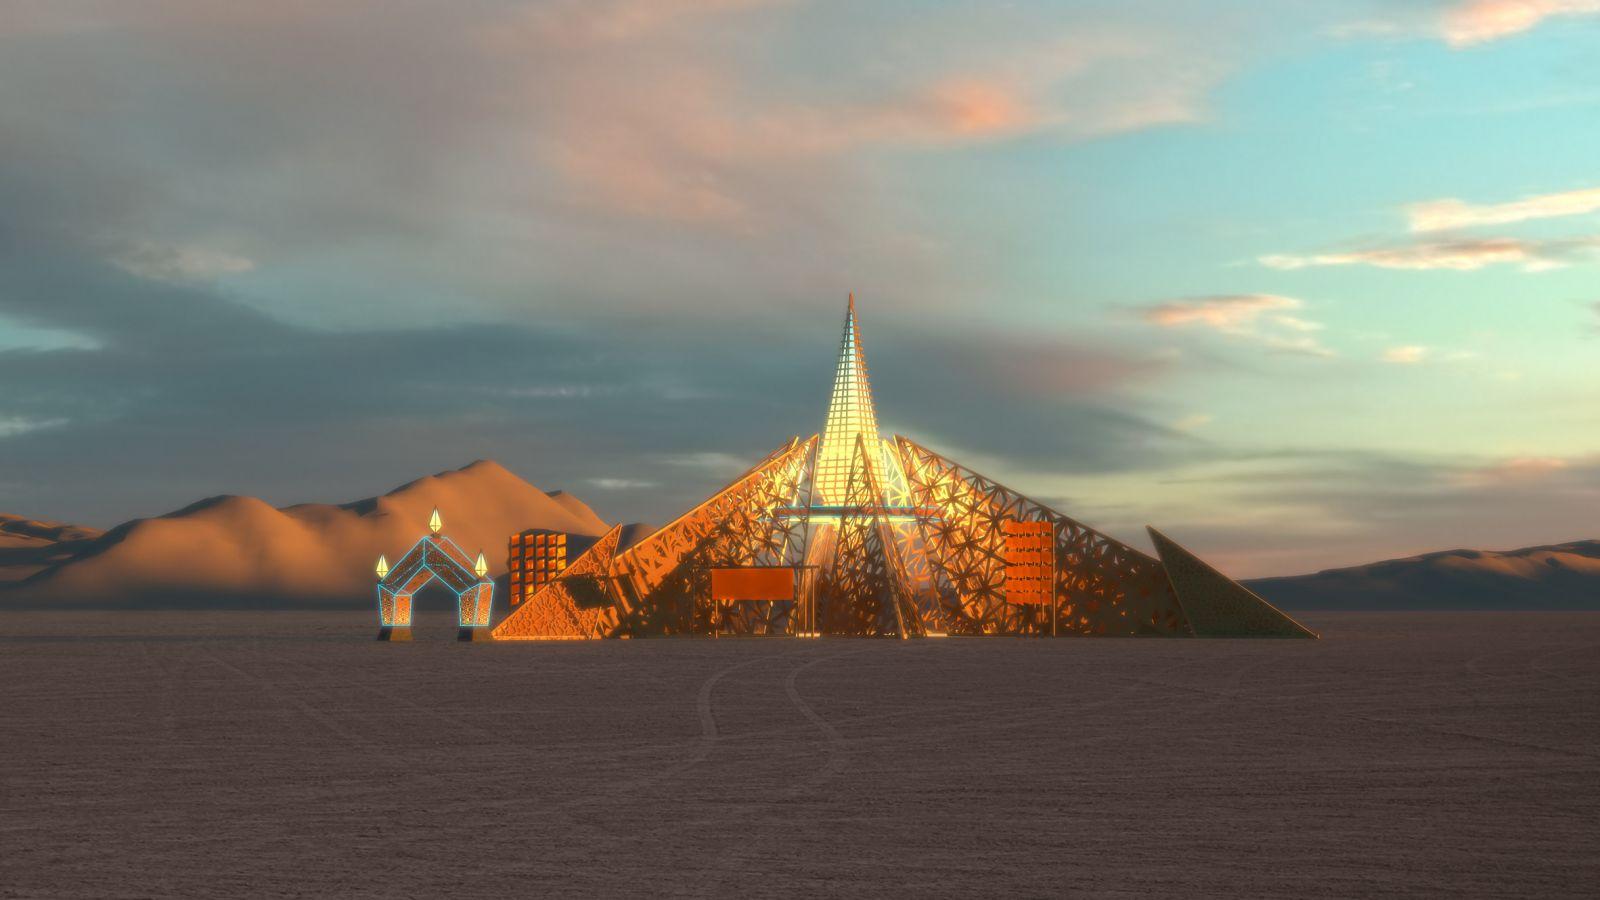 Царство чистого света. Организаторы Burning Man показали, как будет выгл...